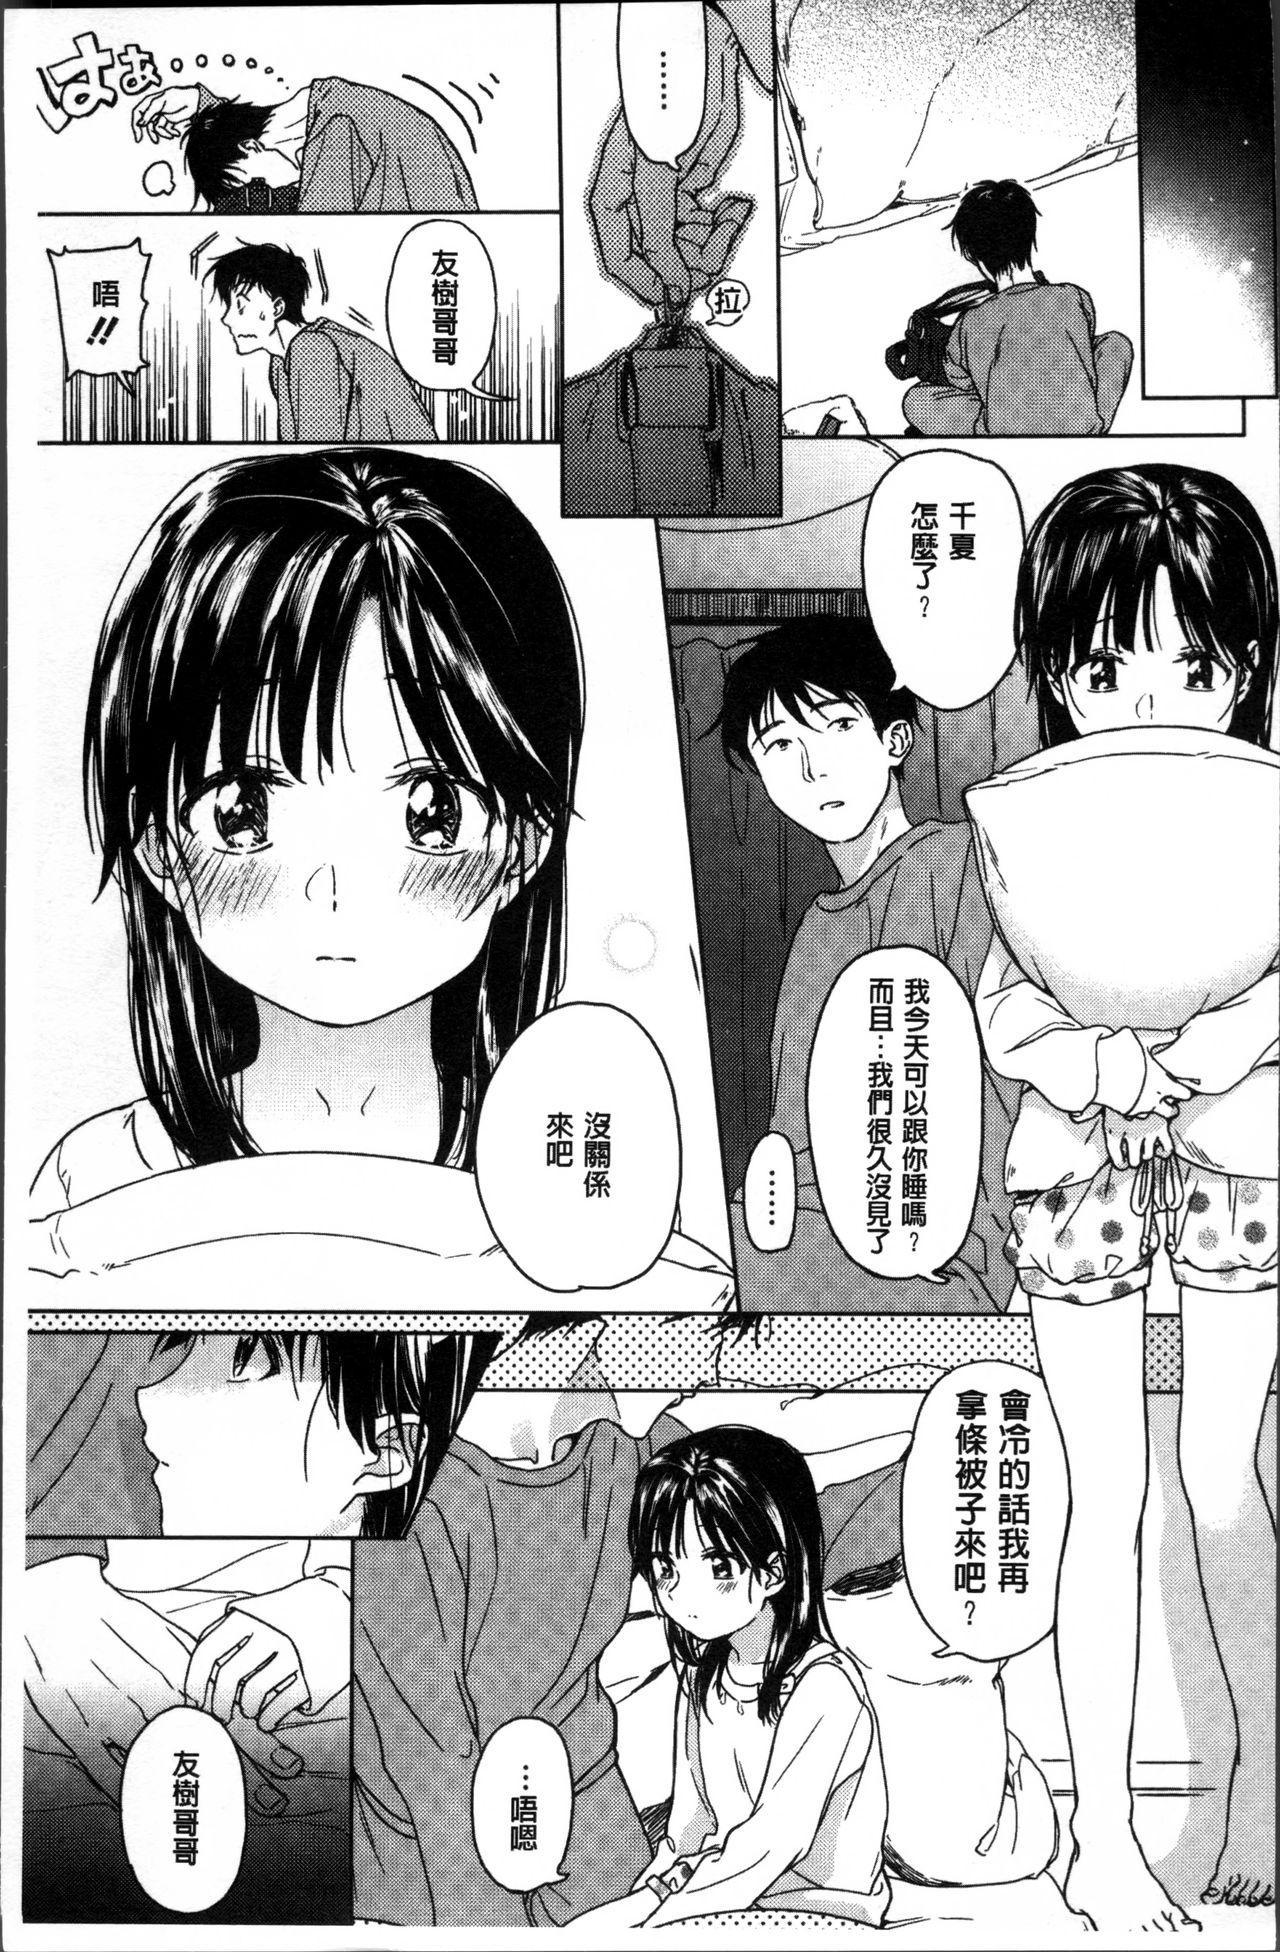 Kanojo no Setsuna 9